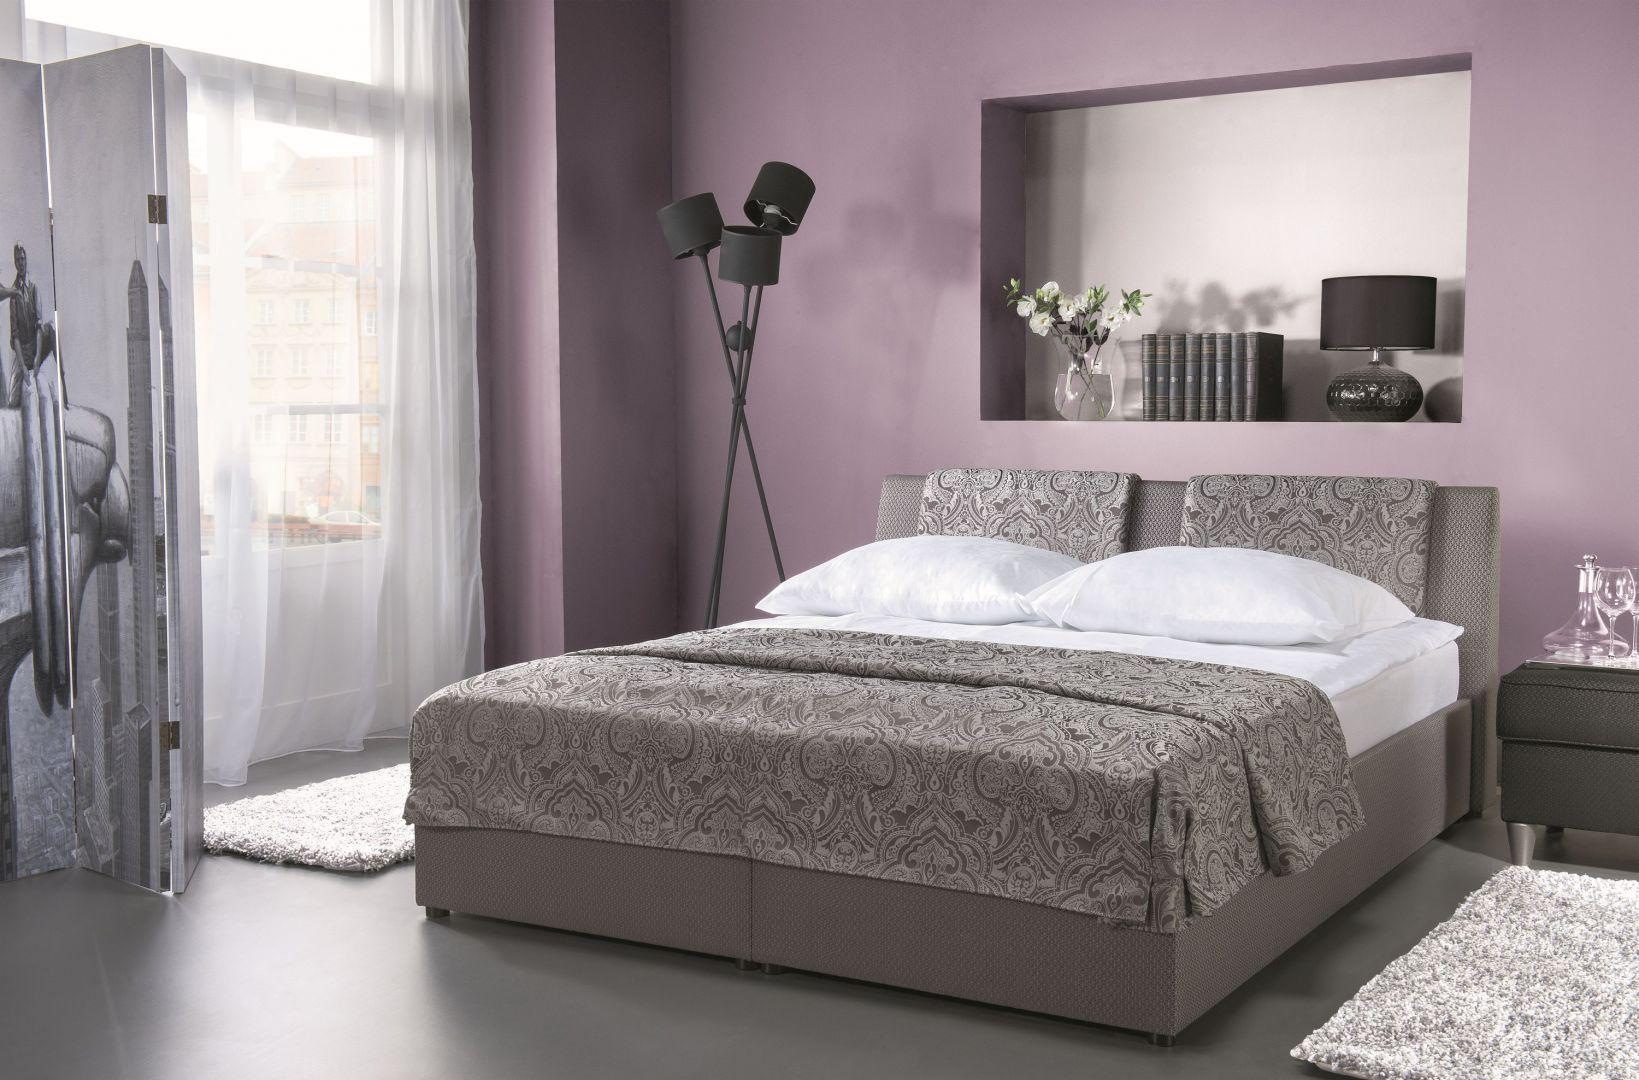 Łóżko tapicerowane Comfort z podnośnikiem gazowym. Fot. Libro